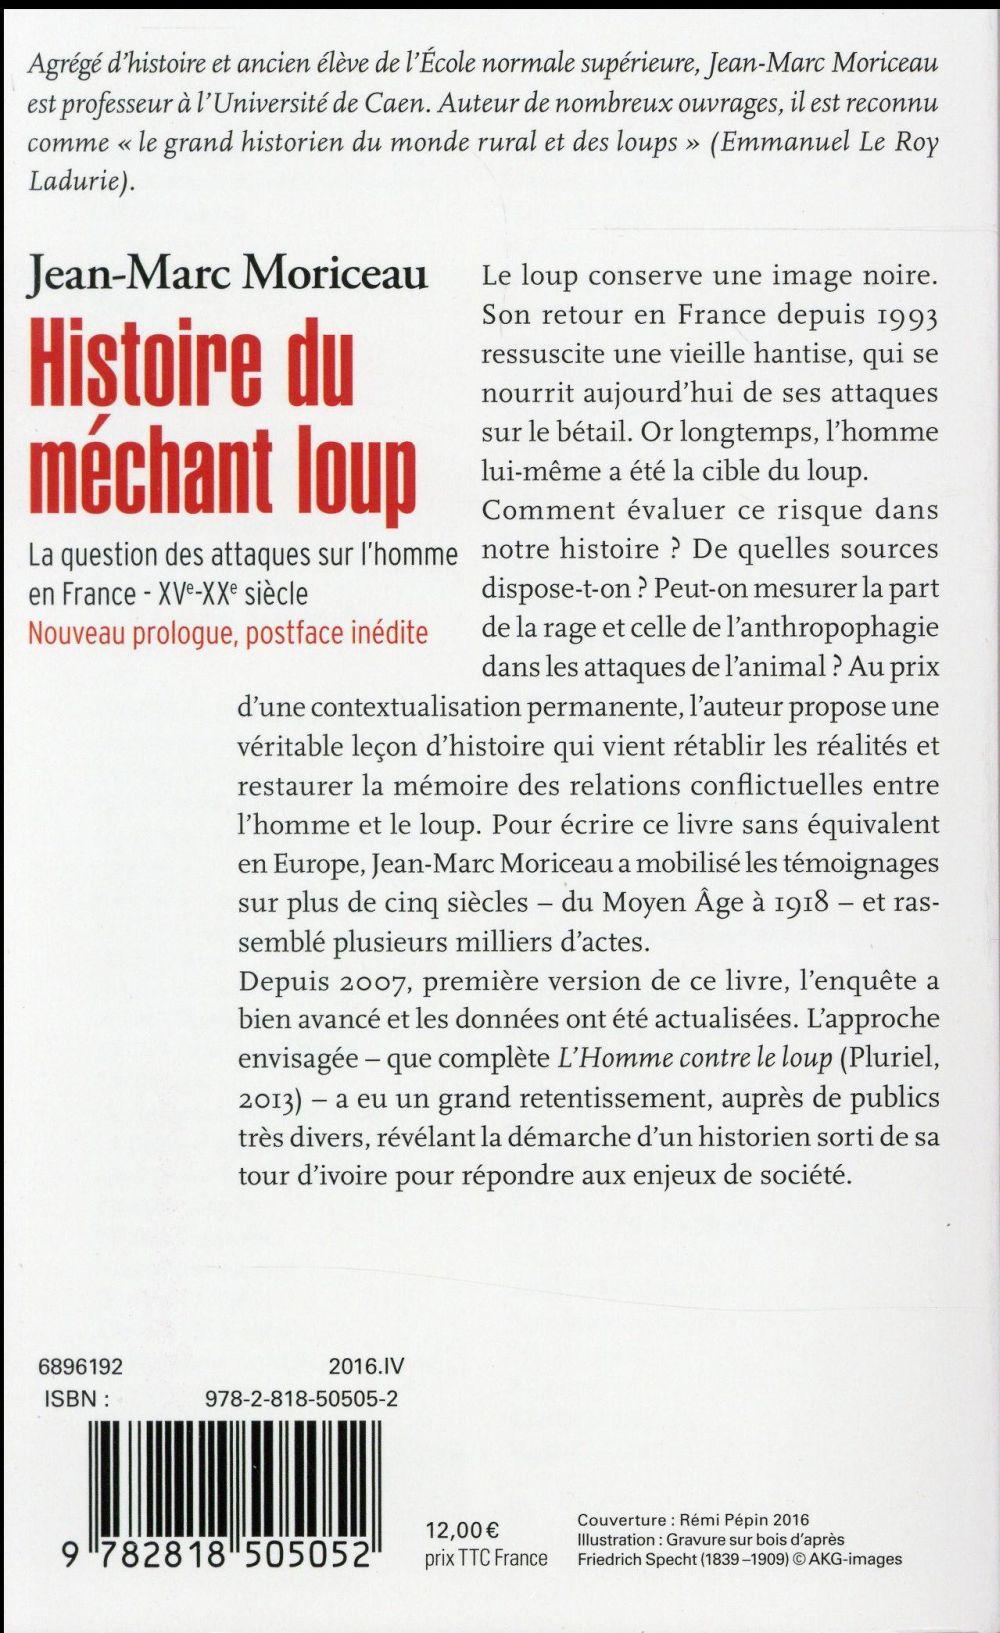 Histoire du méchant loup ; 10000 attaques sur l'homme en France XVe-XXe siècle